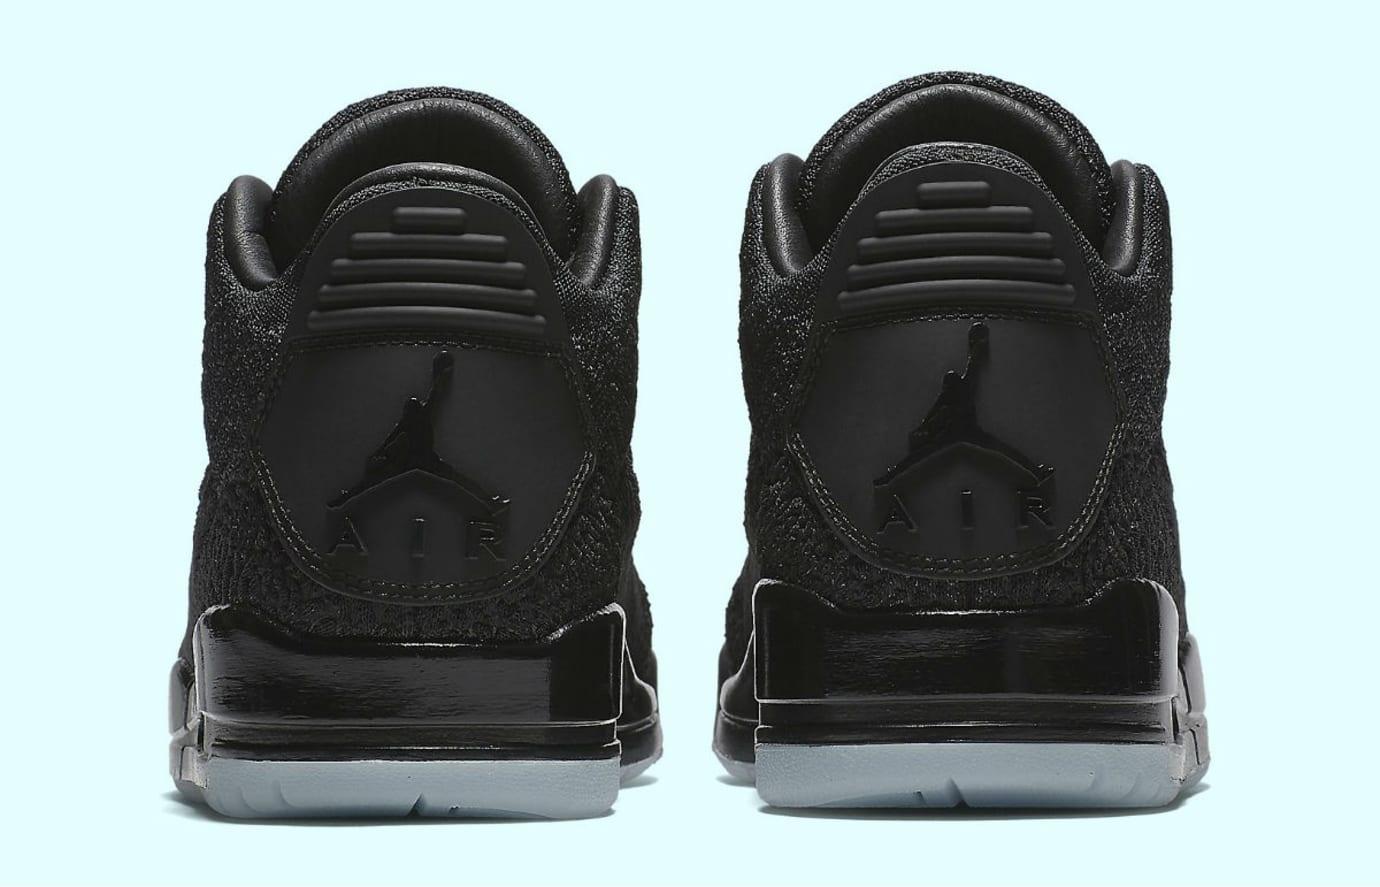 Air Jordan 3 Flyknit Black Release Date AQ1005-001 Heel